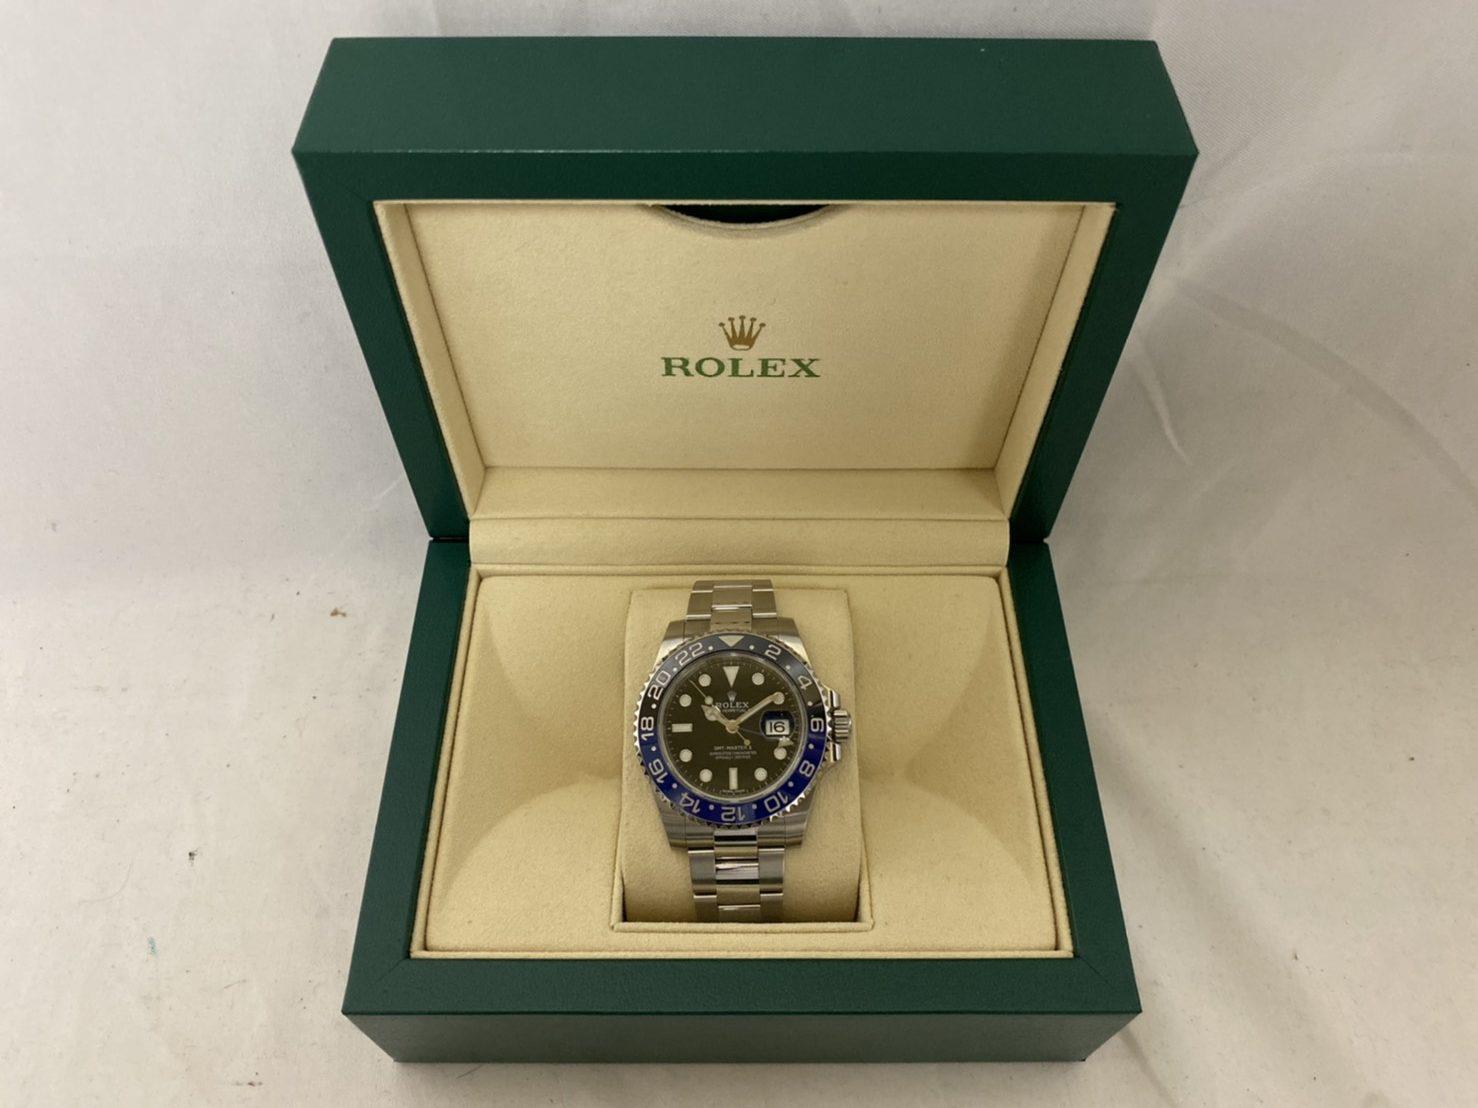 ブランド「ロレックス」商品名「GMTマスターⅡ」型番「16710」カラー「ブラック」